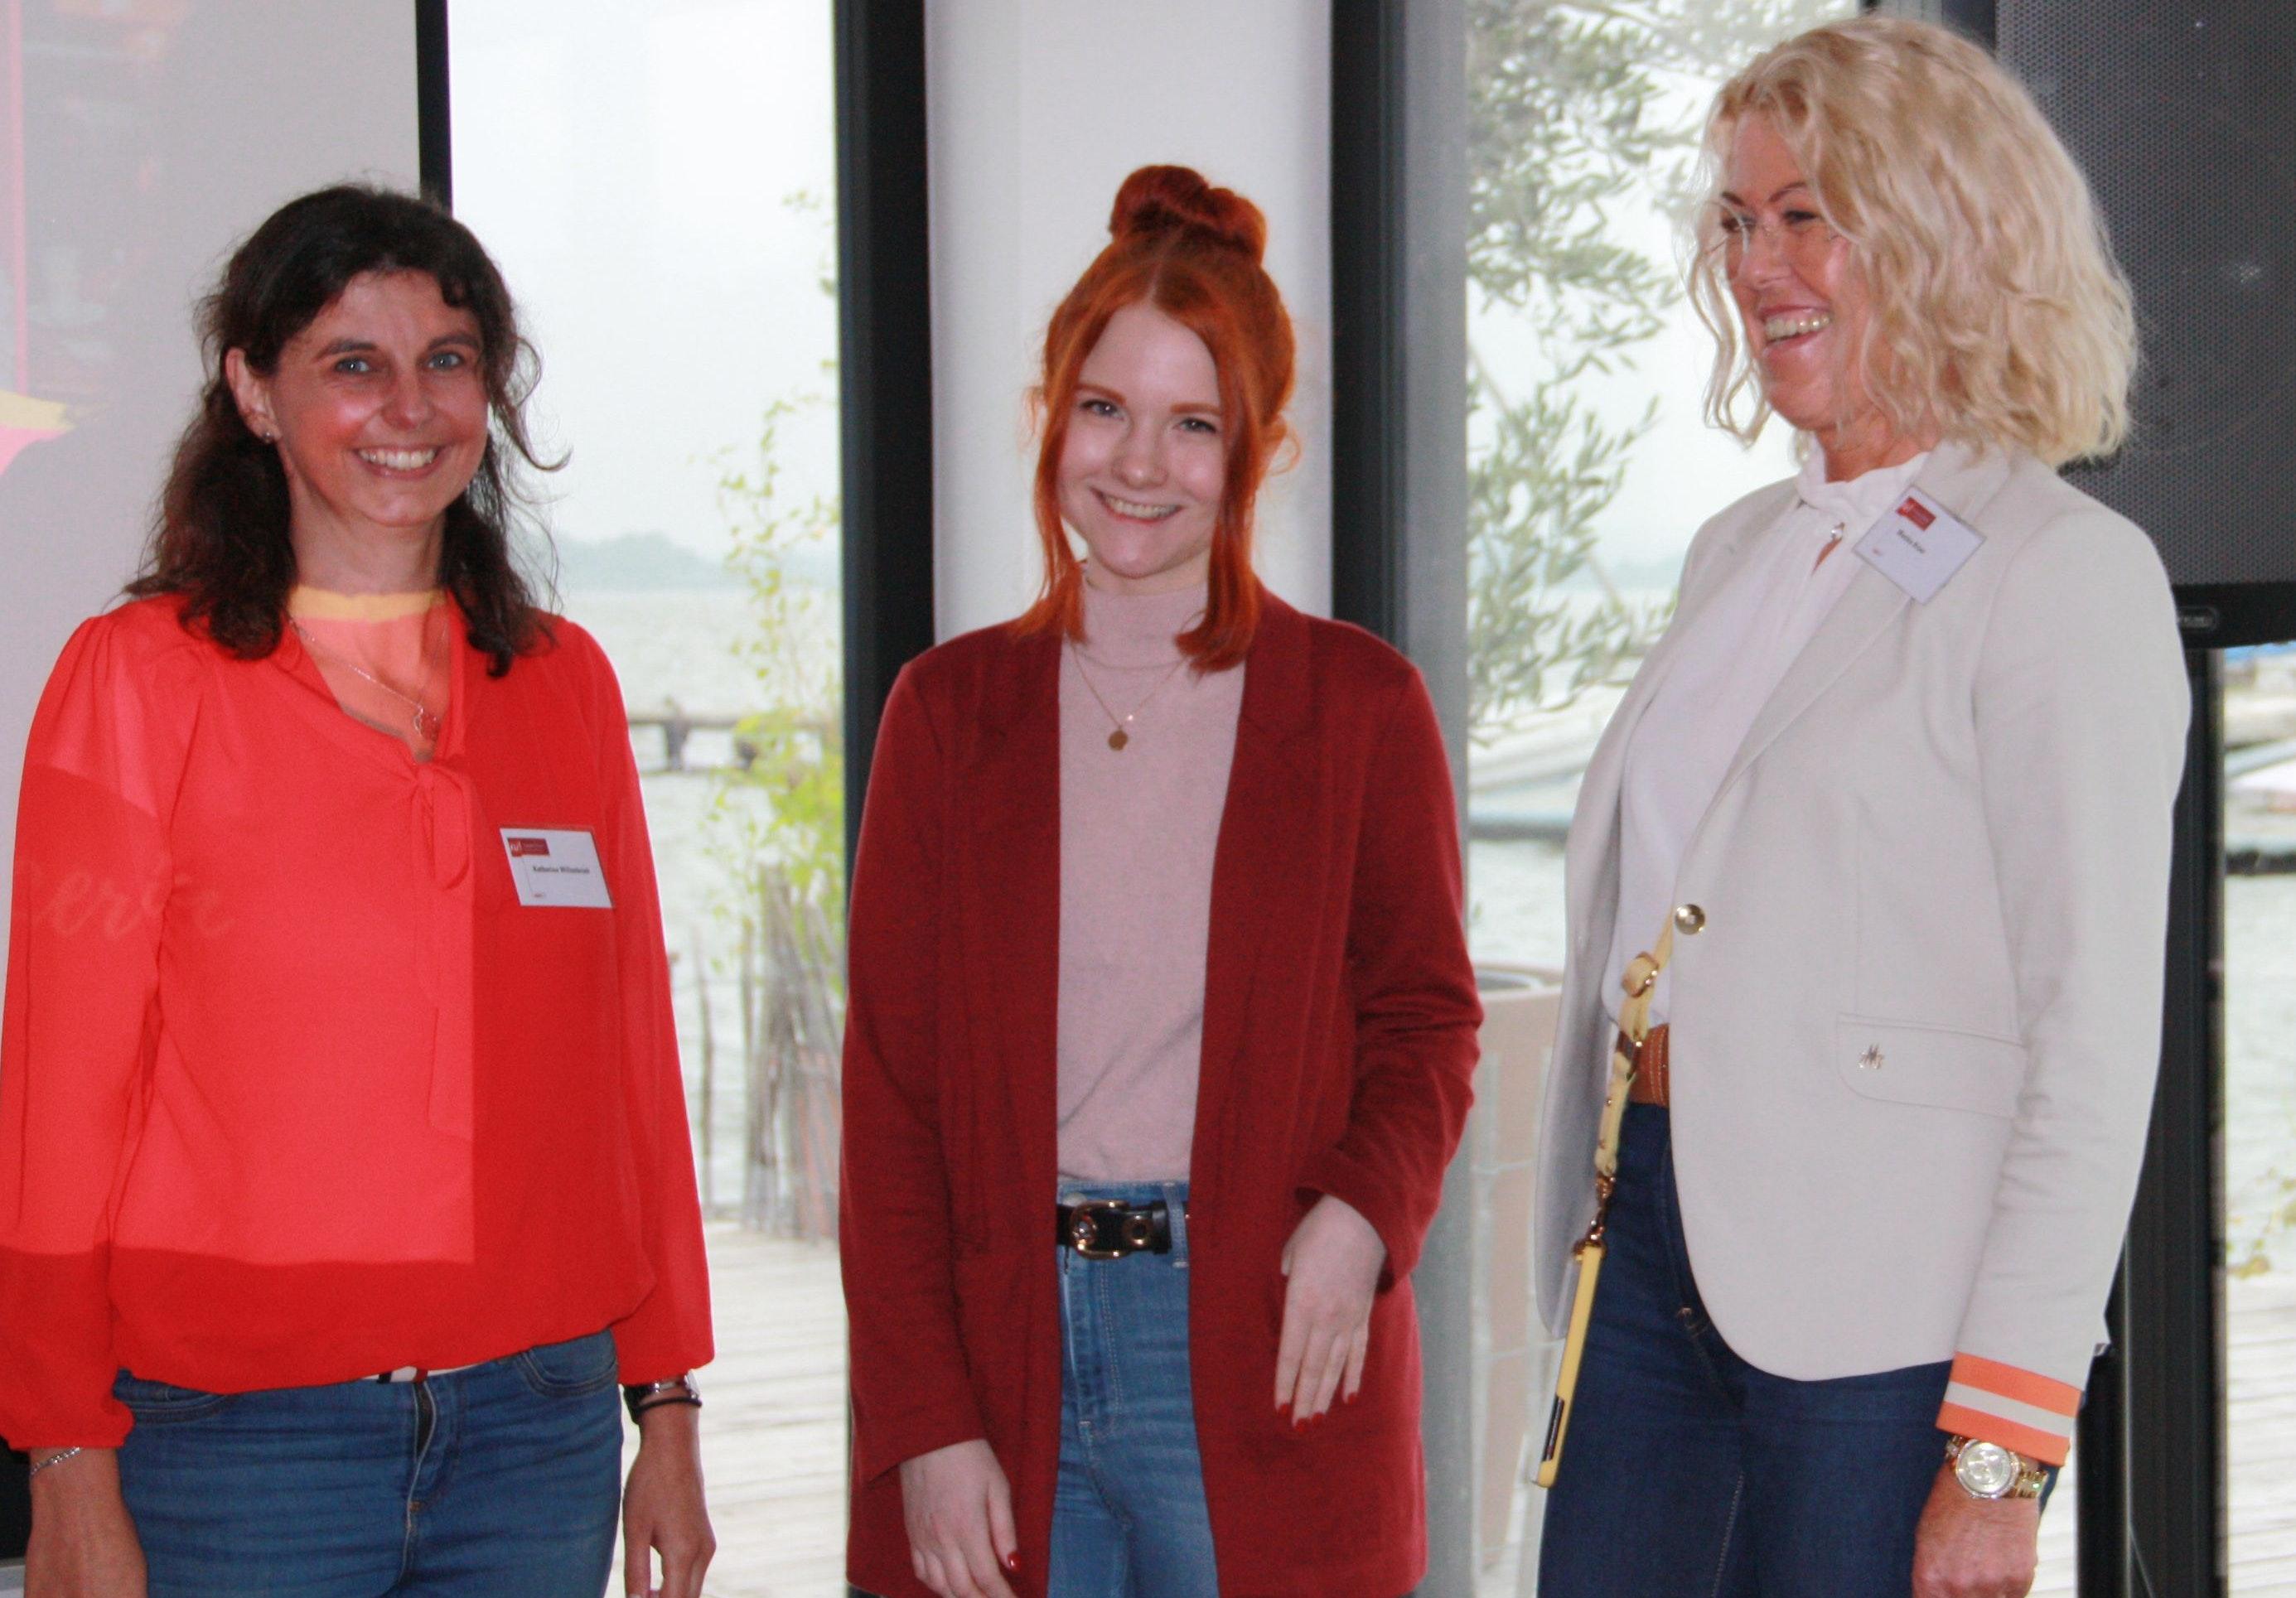 (von links) Die Frauen-Union-Kreisvorsitzende Katharina Willenbrink, Fee Schönwald und die stellvertretende Kreisvorsitzende Monika Bröer freuten sich über die gute Resonanz. Foto: Pundt